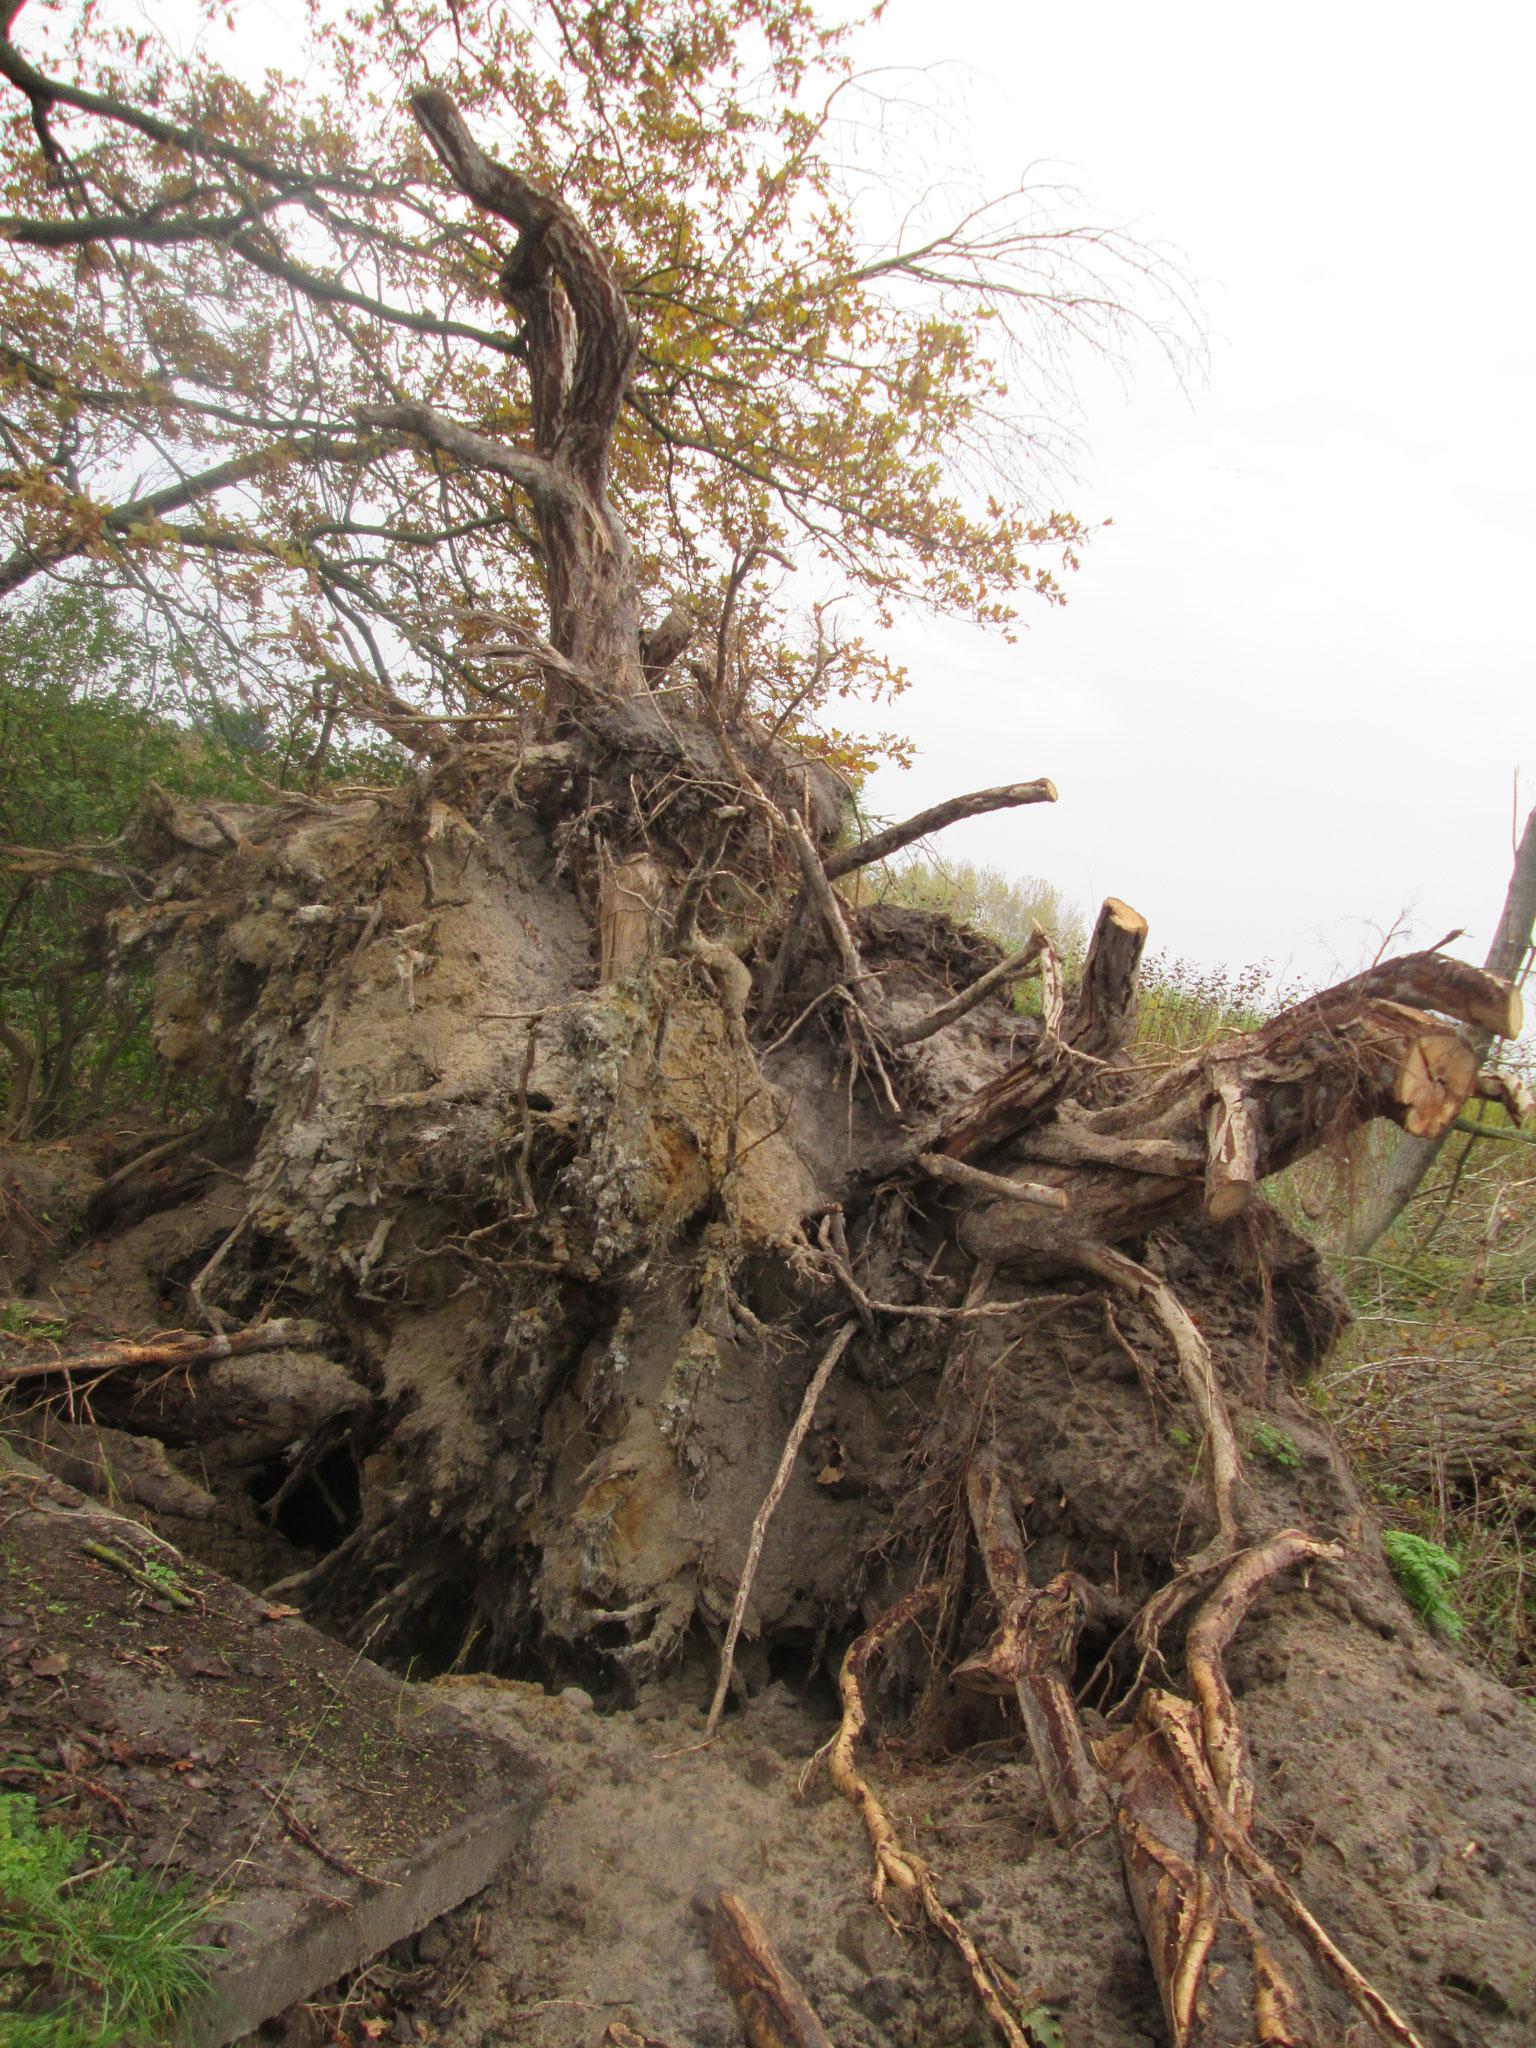 Ein riesiger entwurzelter Baum blockiert den Weg. Dahinter steht ein kleines Auto. Auf der Kühlerhaube drei biertrinkende Männer